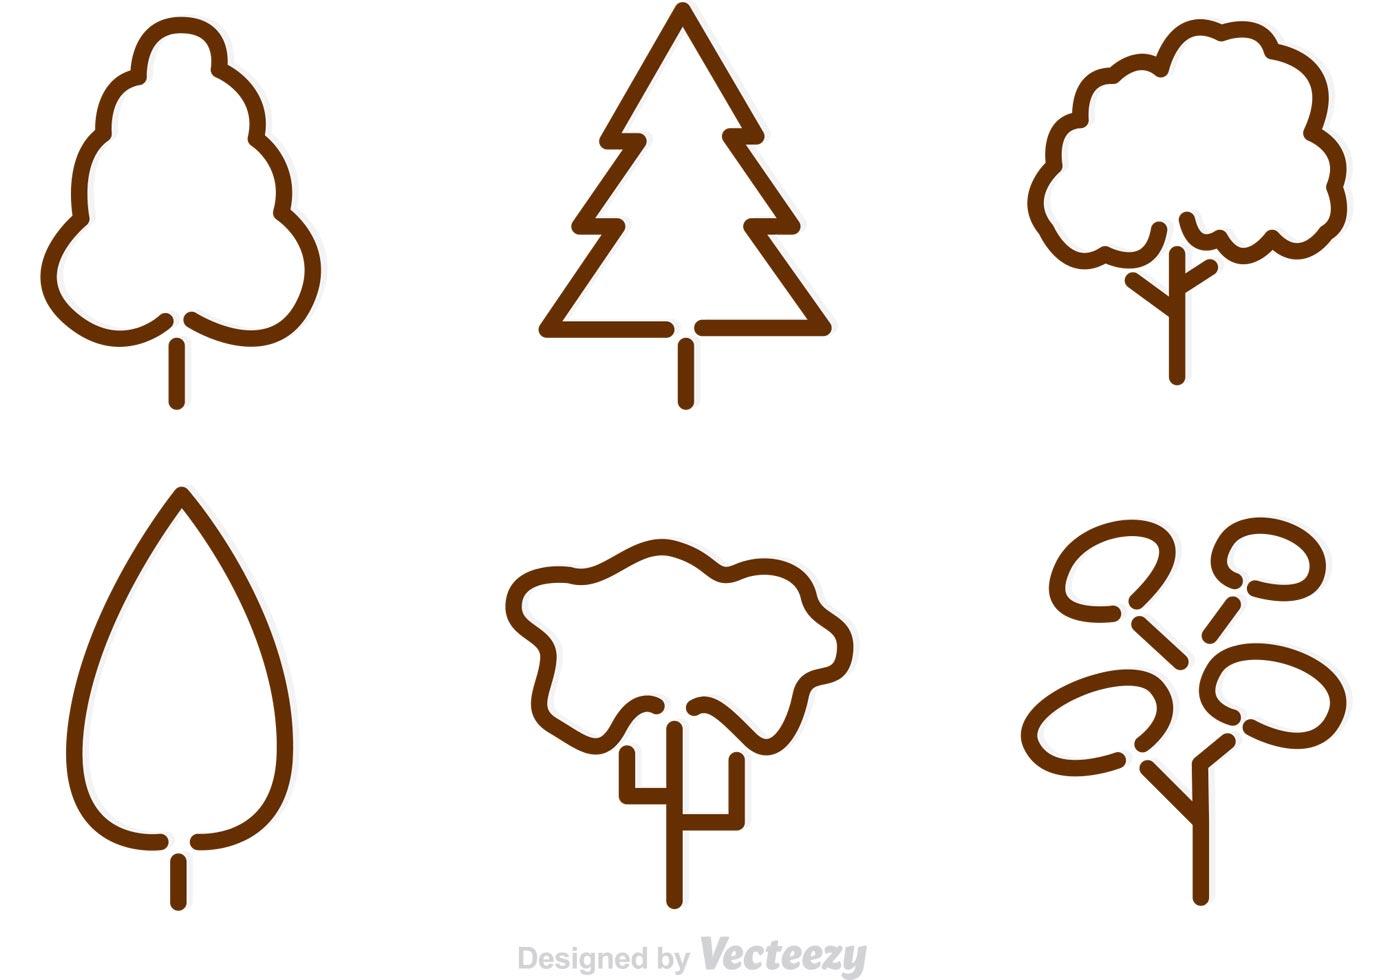 Tree Outline Vectors - Download Free Vector Art, Stock Graphics ...